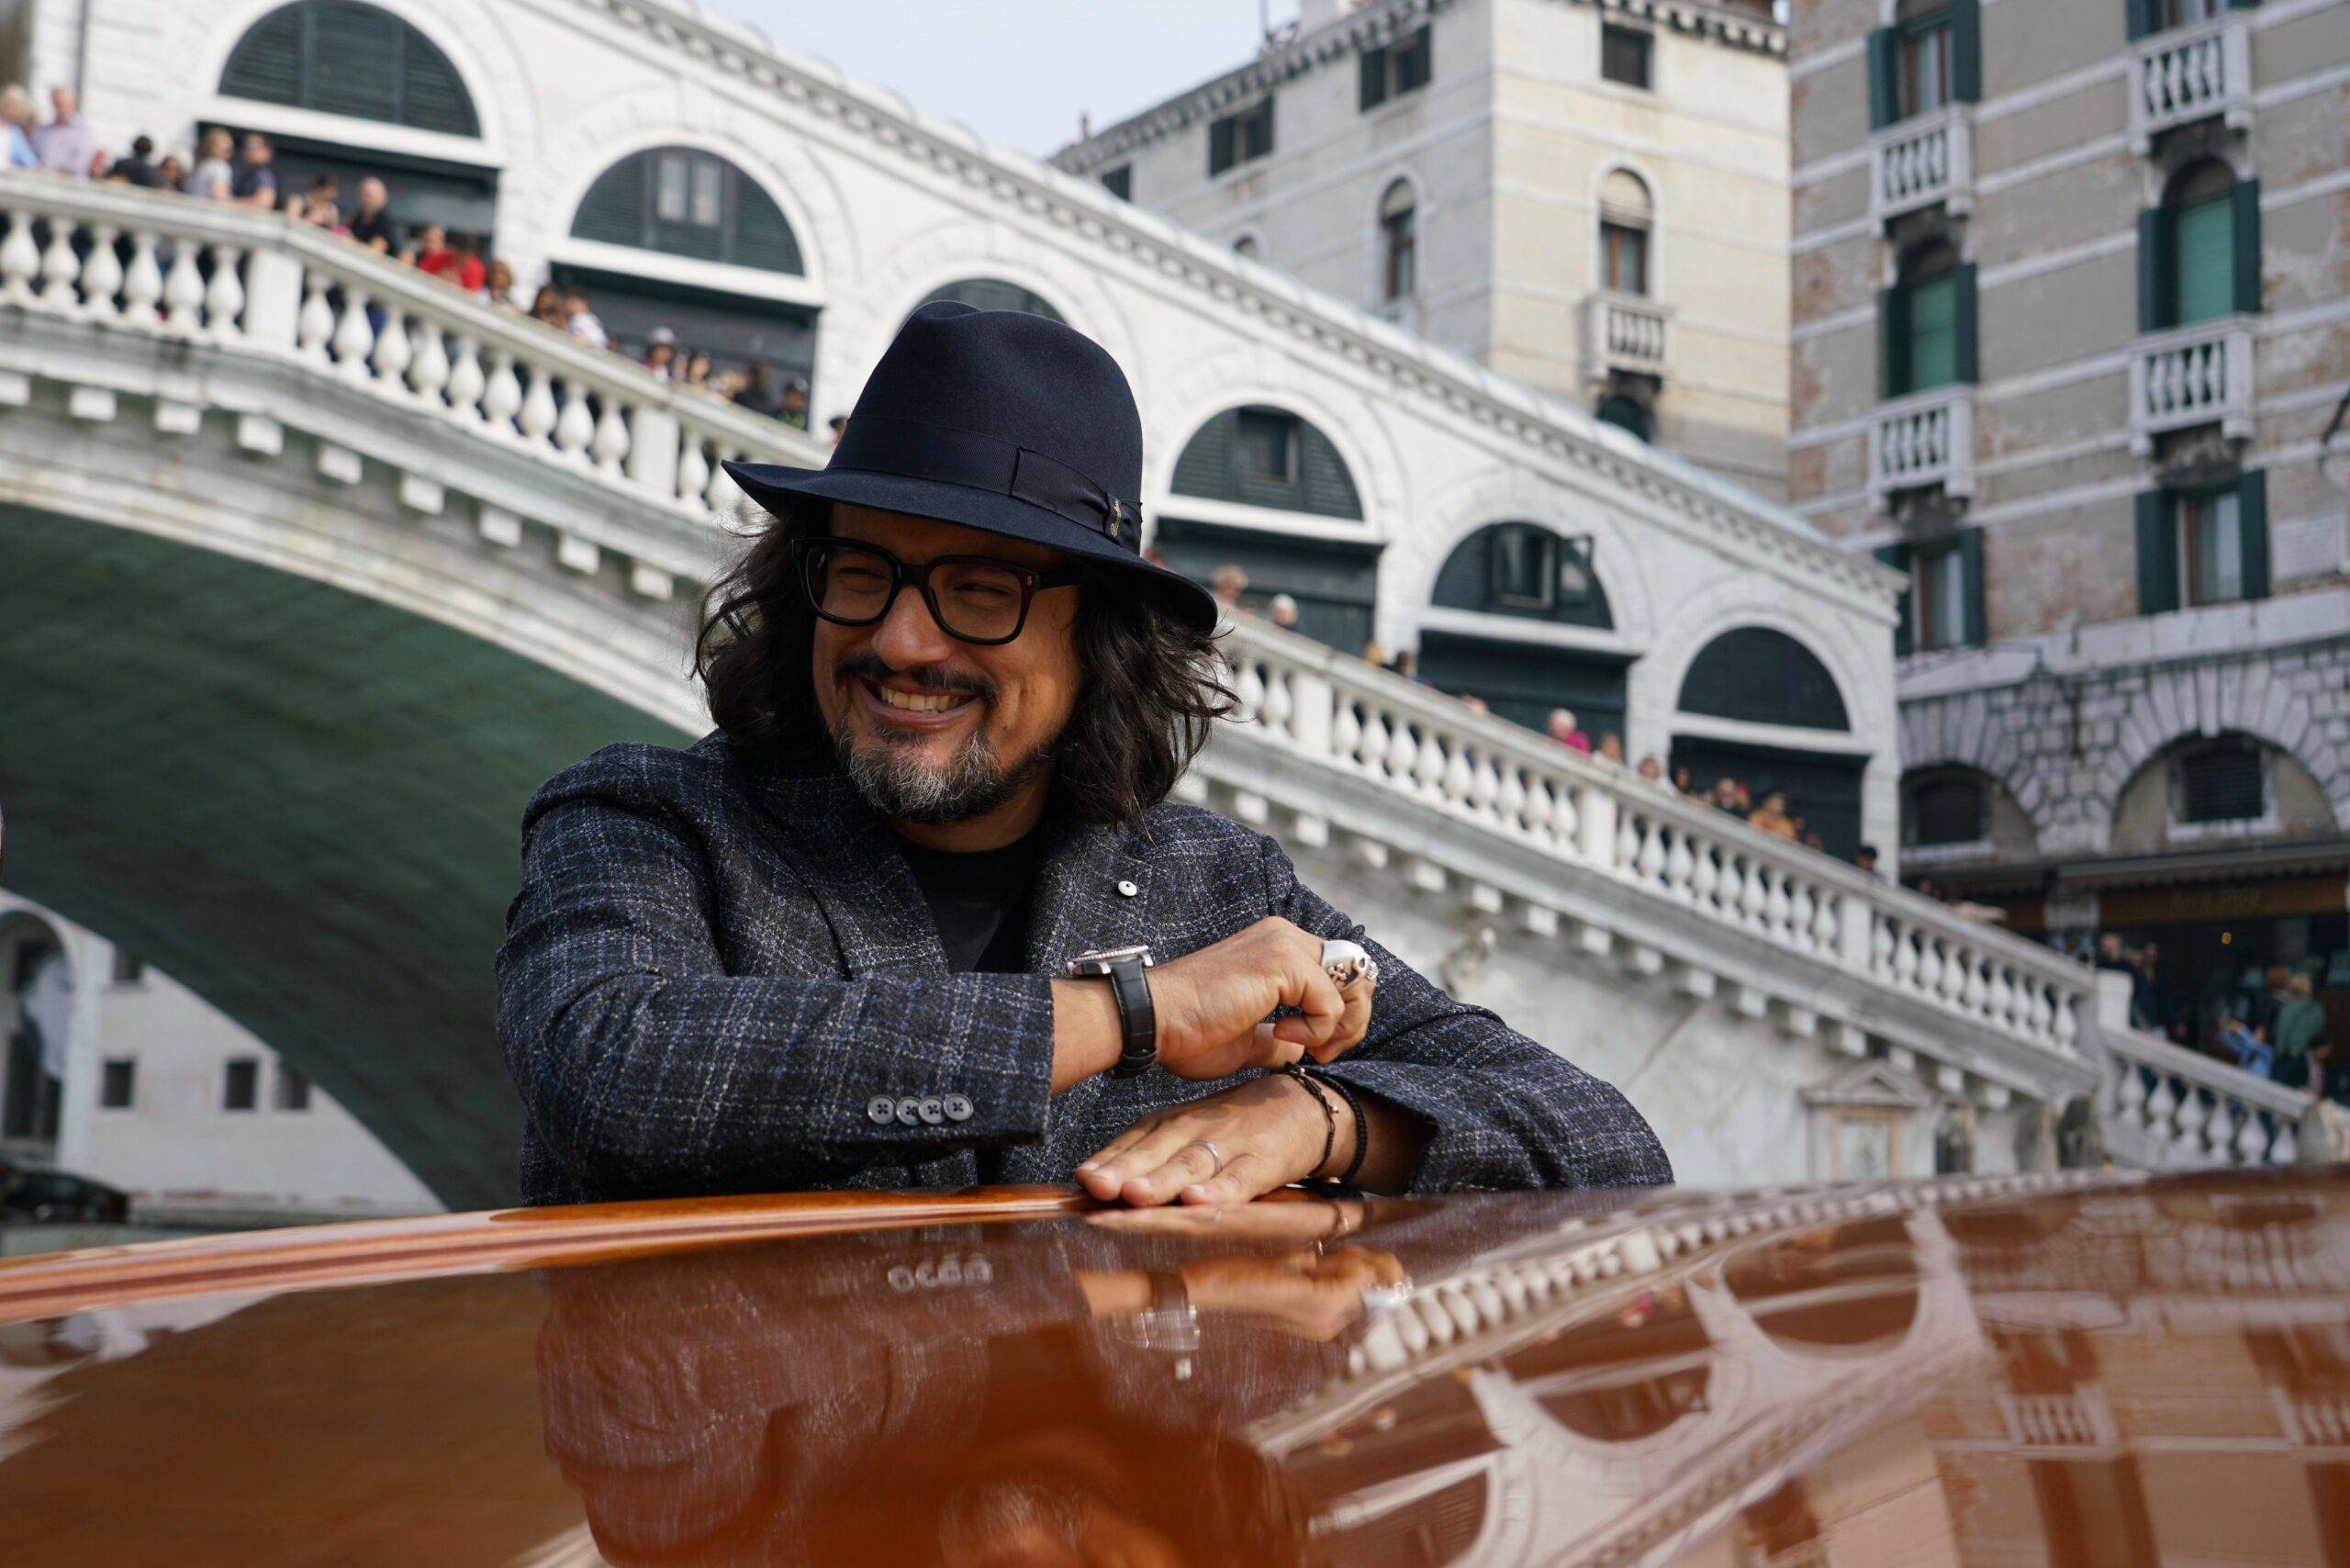 I nuovi episodi di 4 Ristoranti a Venezia